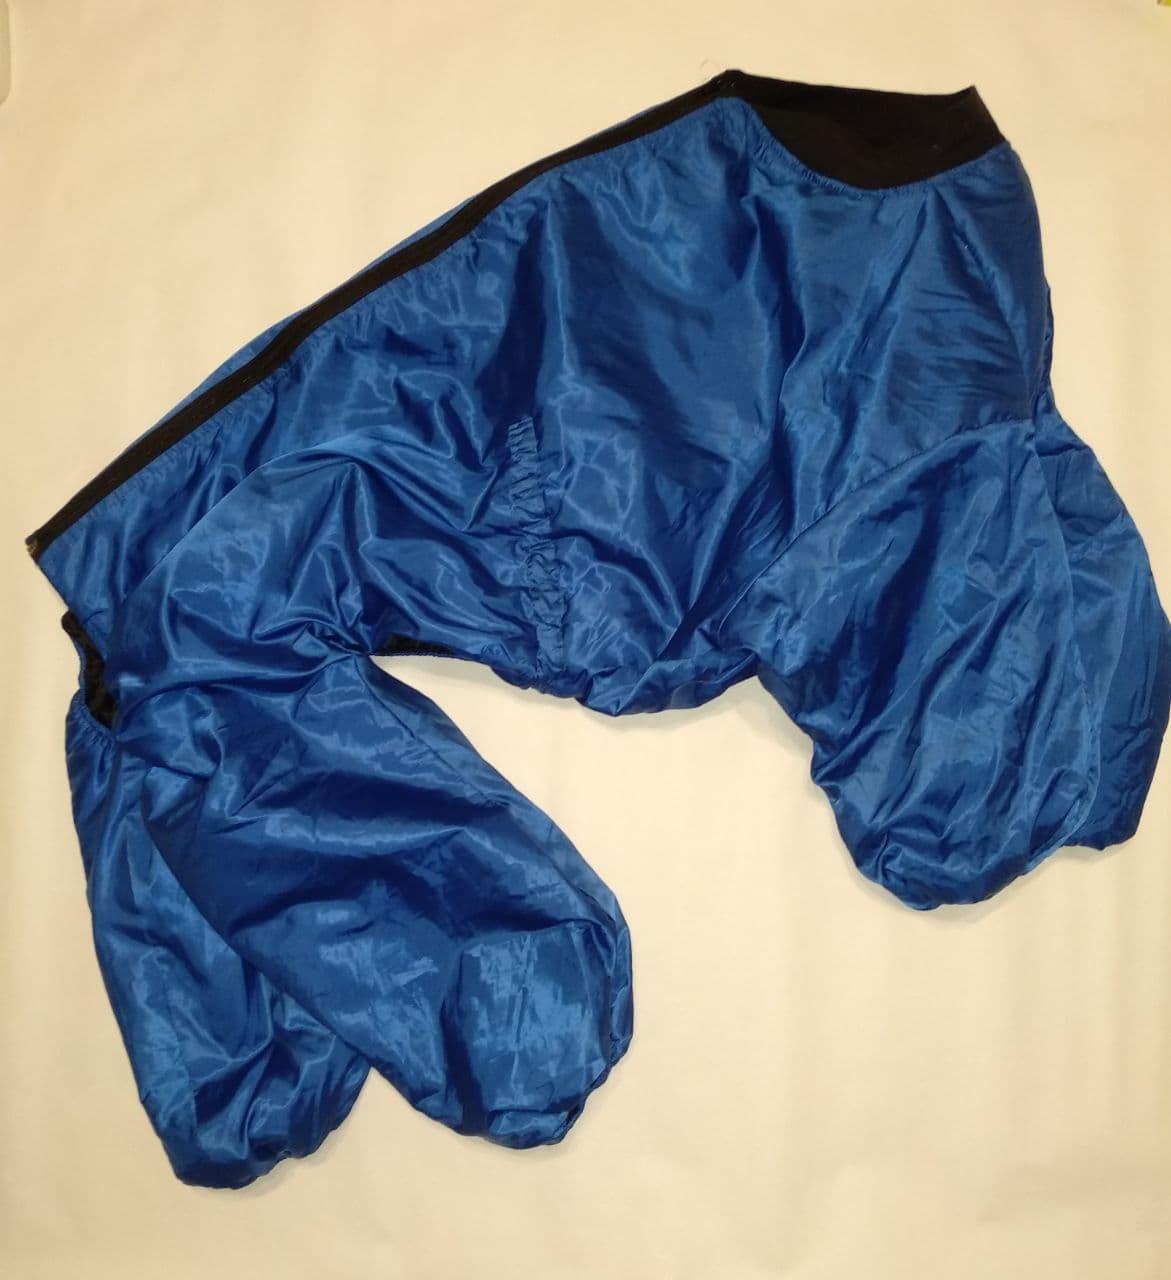 Комбинезон дождевик для собаки породы Стаффордширский терьер, синий / серебро с черным